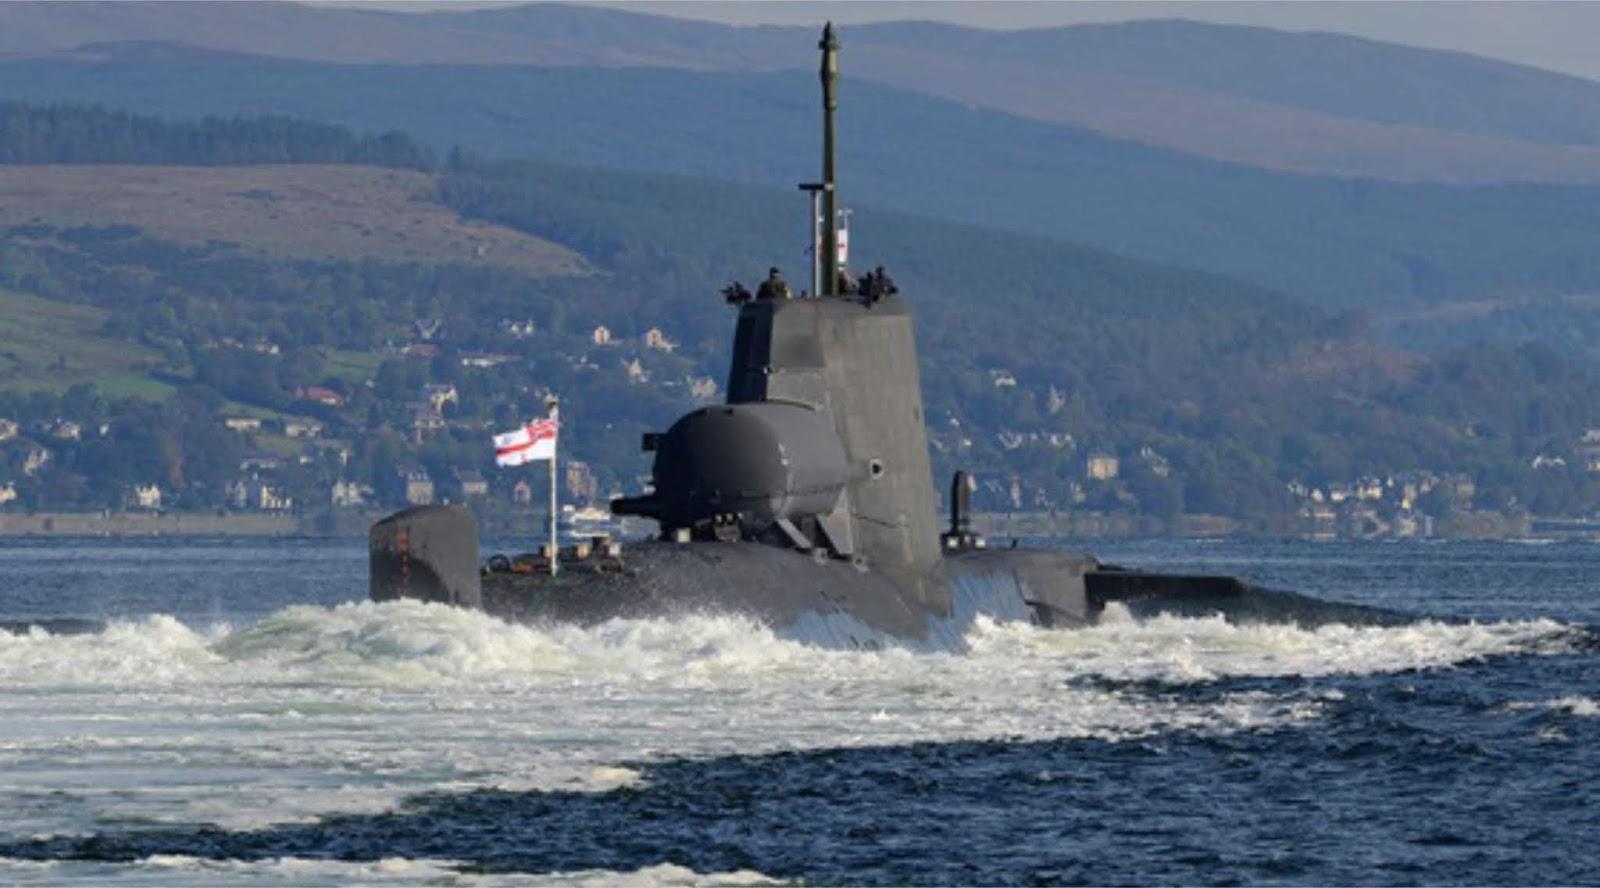 Inggris menaikan anggaran militer 1 miliar poundsterling untuk menangkal Rusia